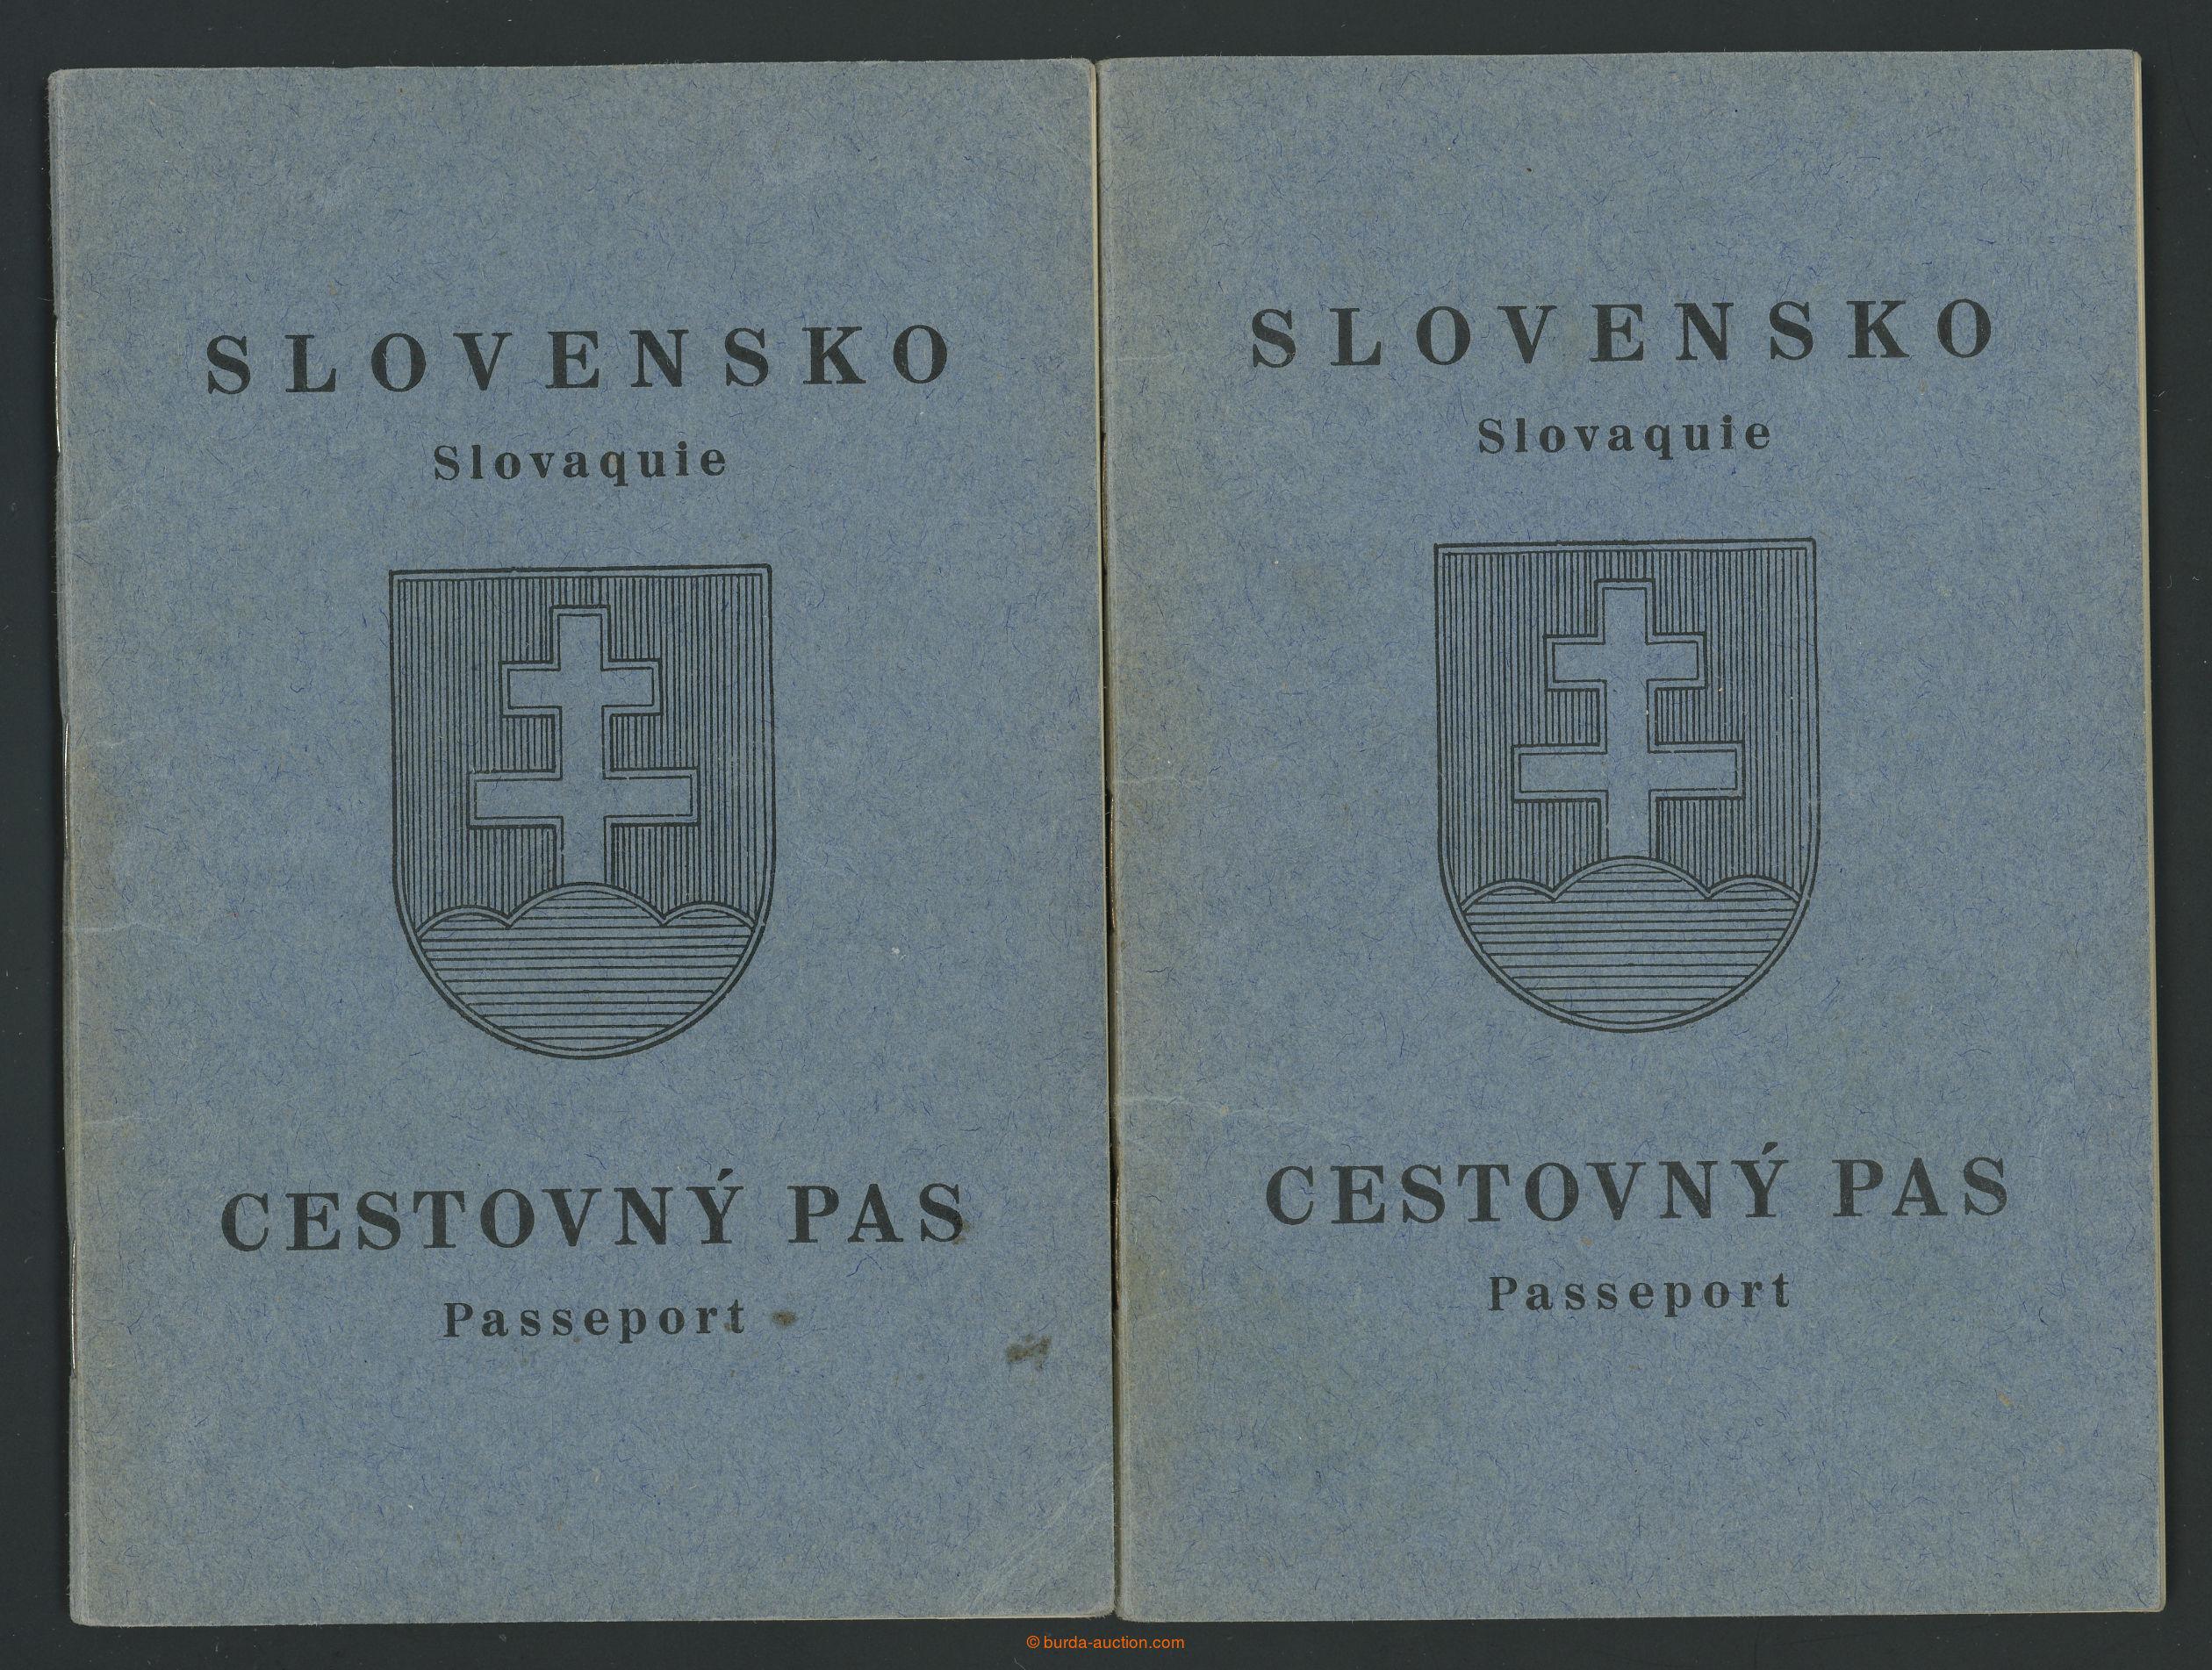 seznamka s cestovními pasy